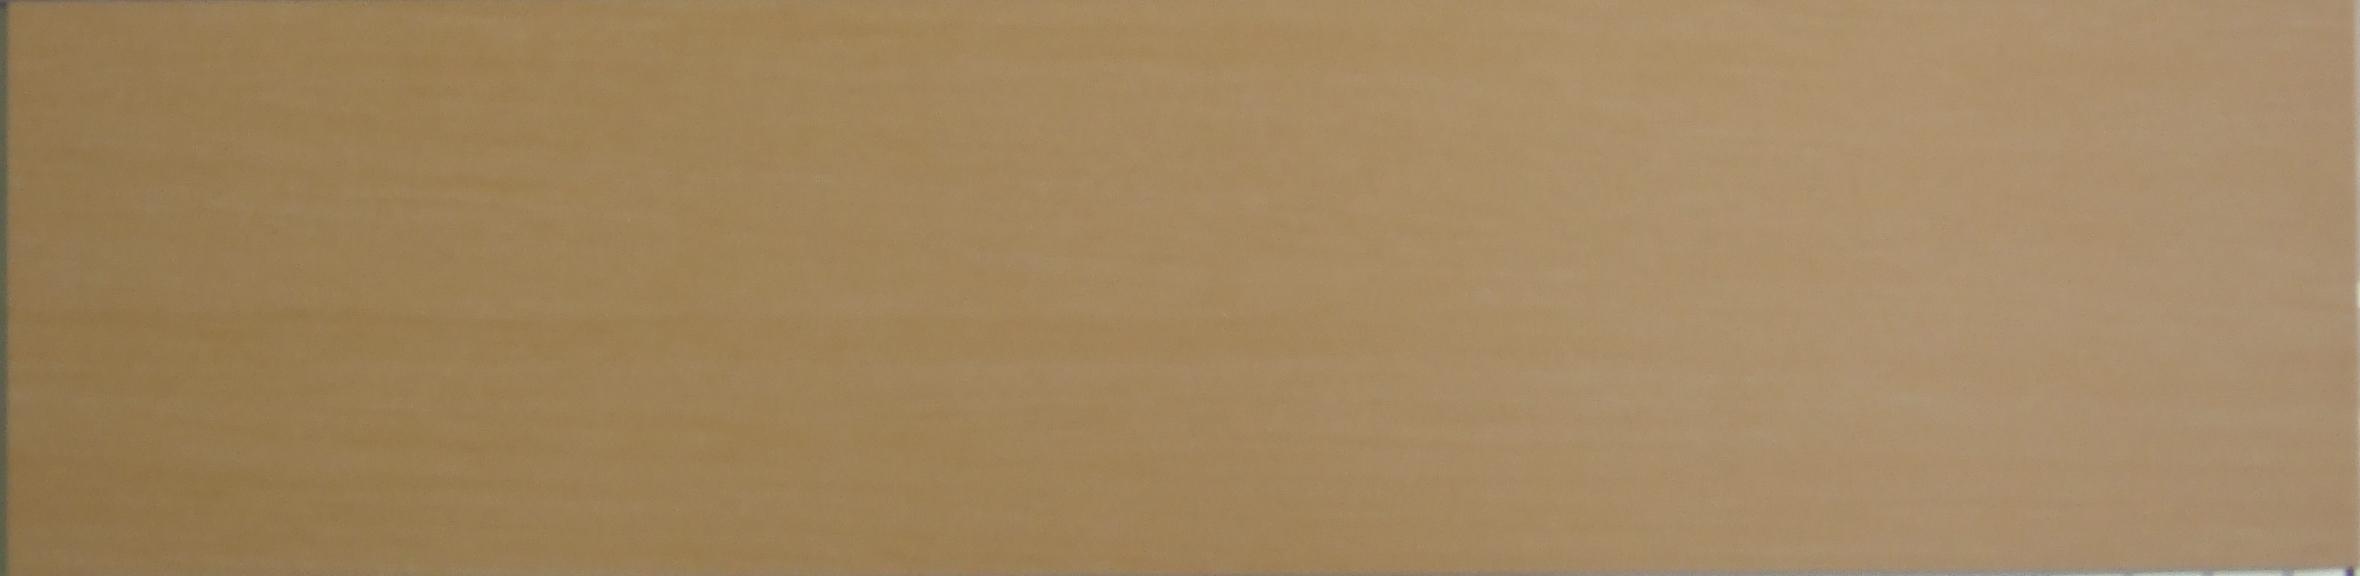 กระเบื้องลายไม้ 15x60 cm รุ่น VHB-06002B เกรด B